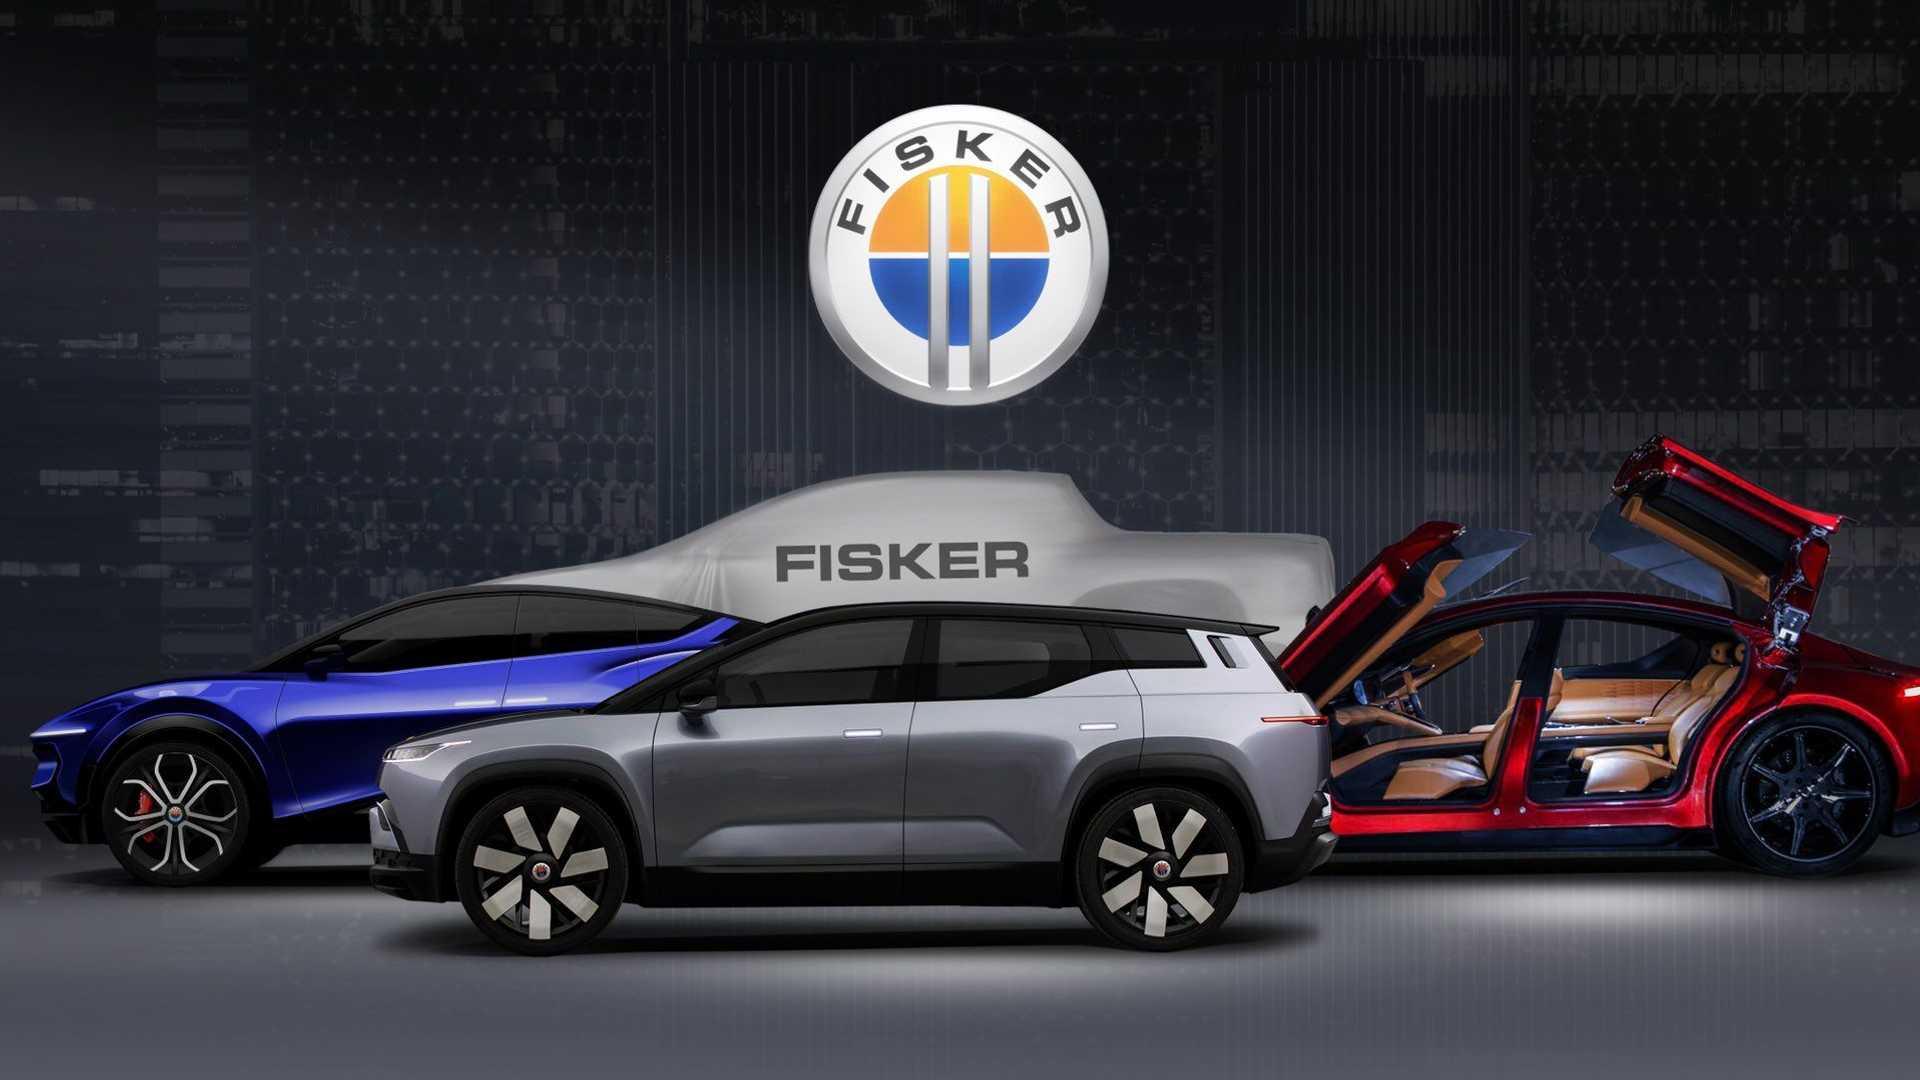 Фирма Fisker Inc. опубликовала план выхода новинок на ближайшие пять лет. К кроссоверу Ocean, который дебютирует в последнем квартале 2022-го, в 2023–2025 годах присоединятся ещё один кросс, седан и пикап: они продемонстрированы на новом изображении рядом с «Оушеном».